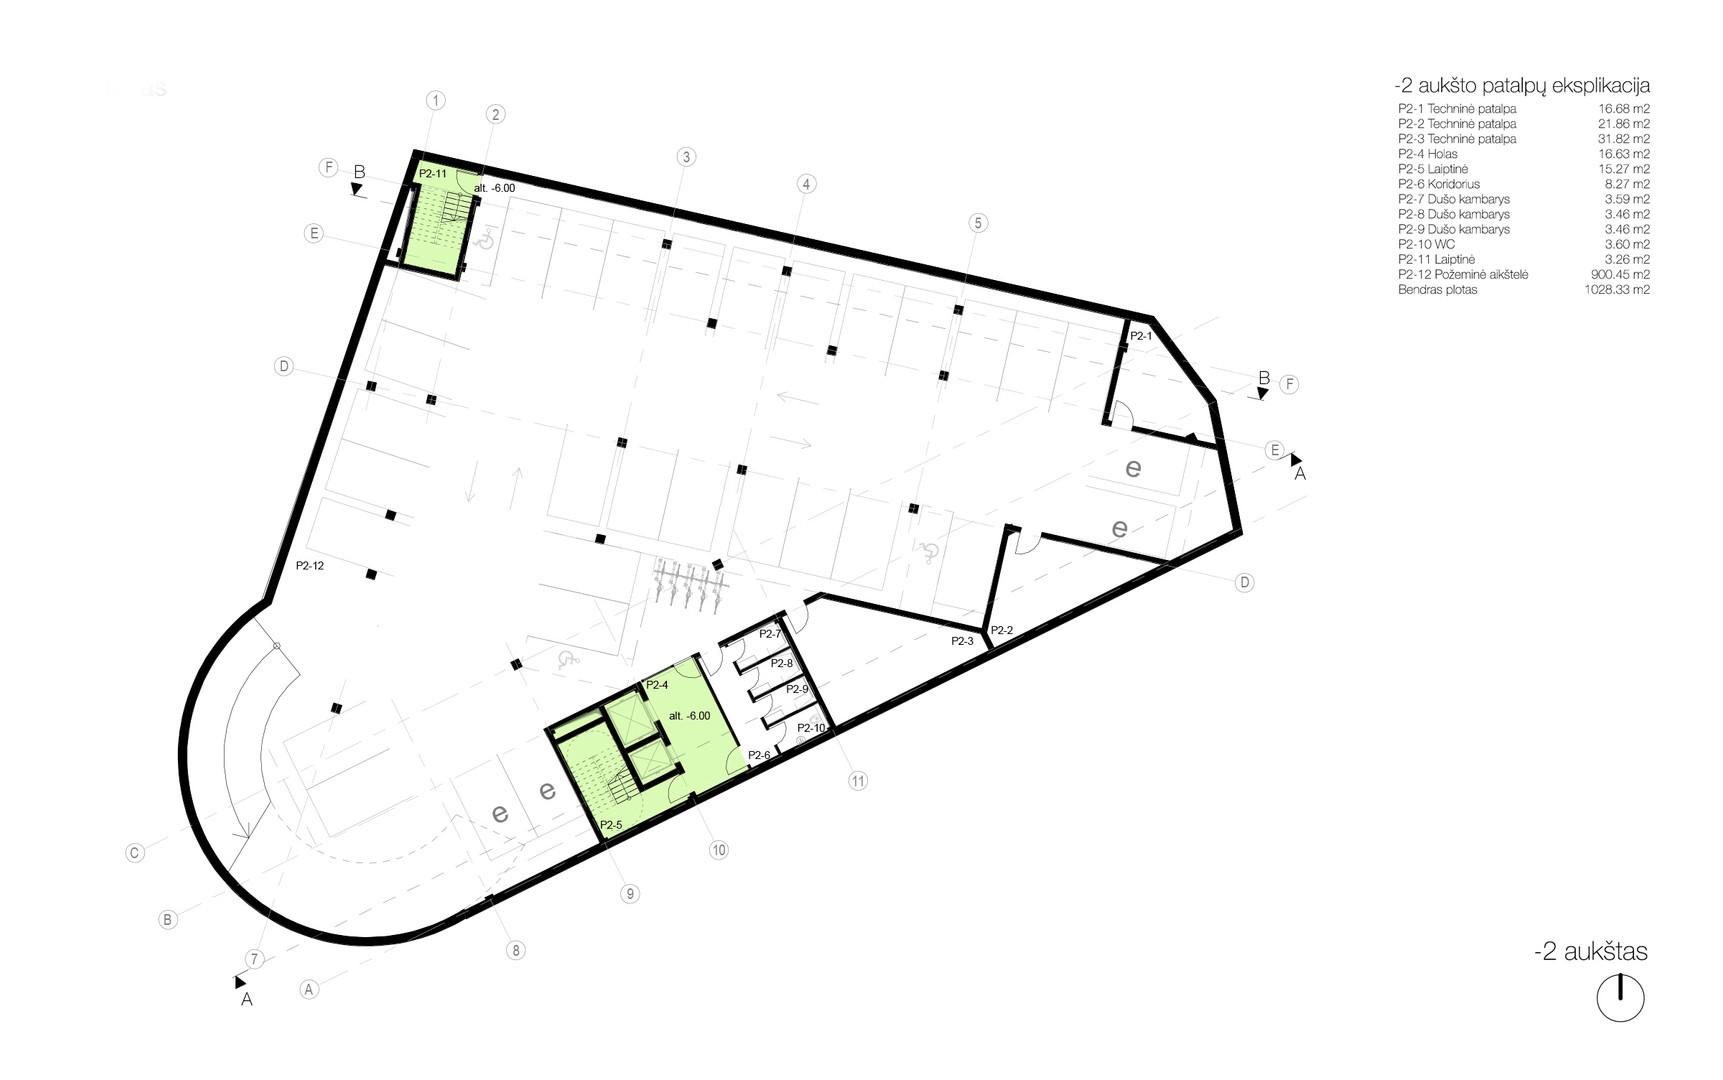 Plan level -02 - underground parking